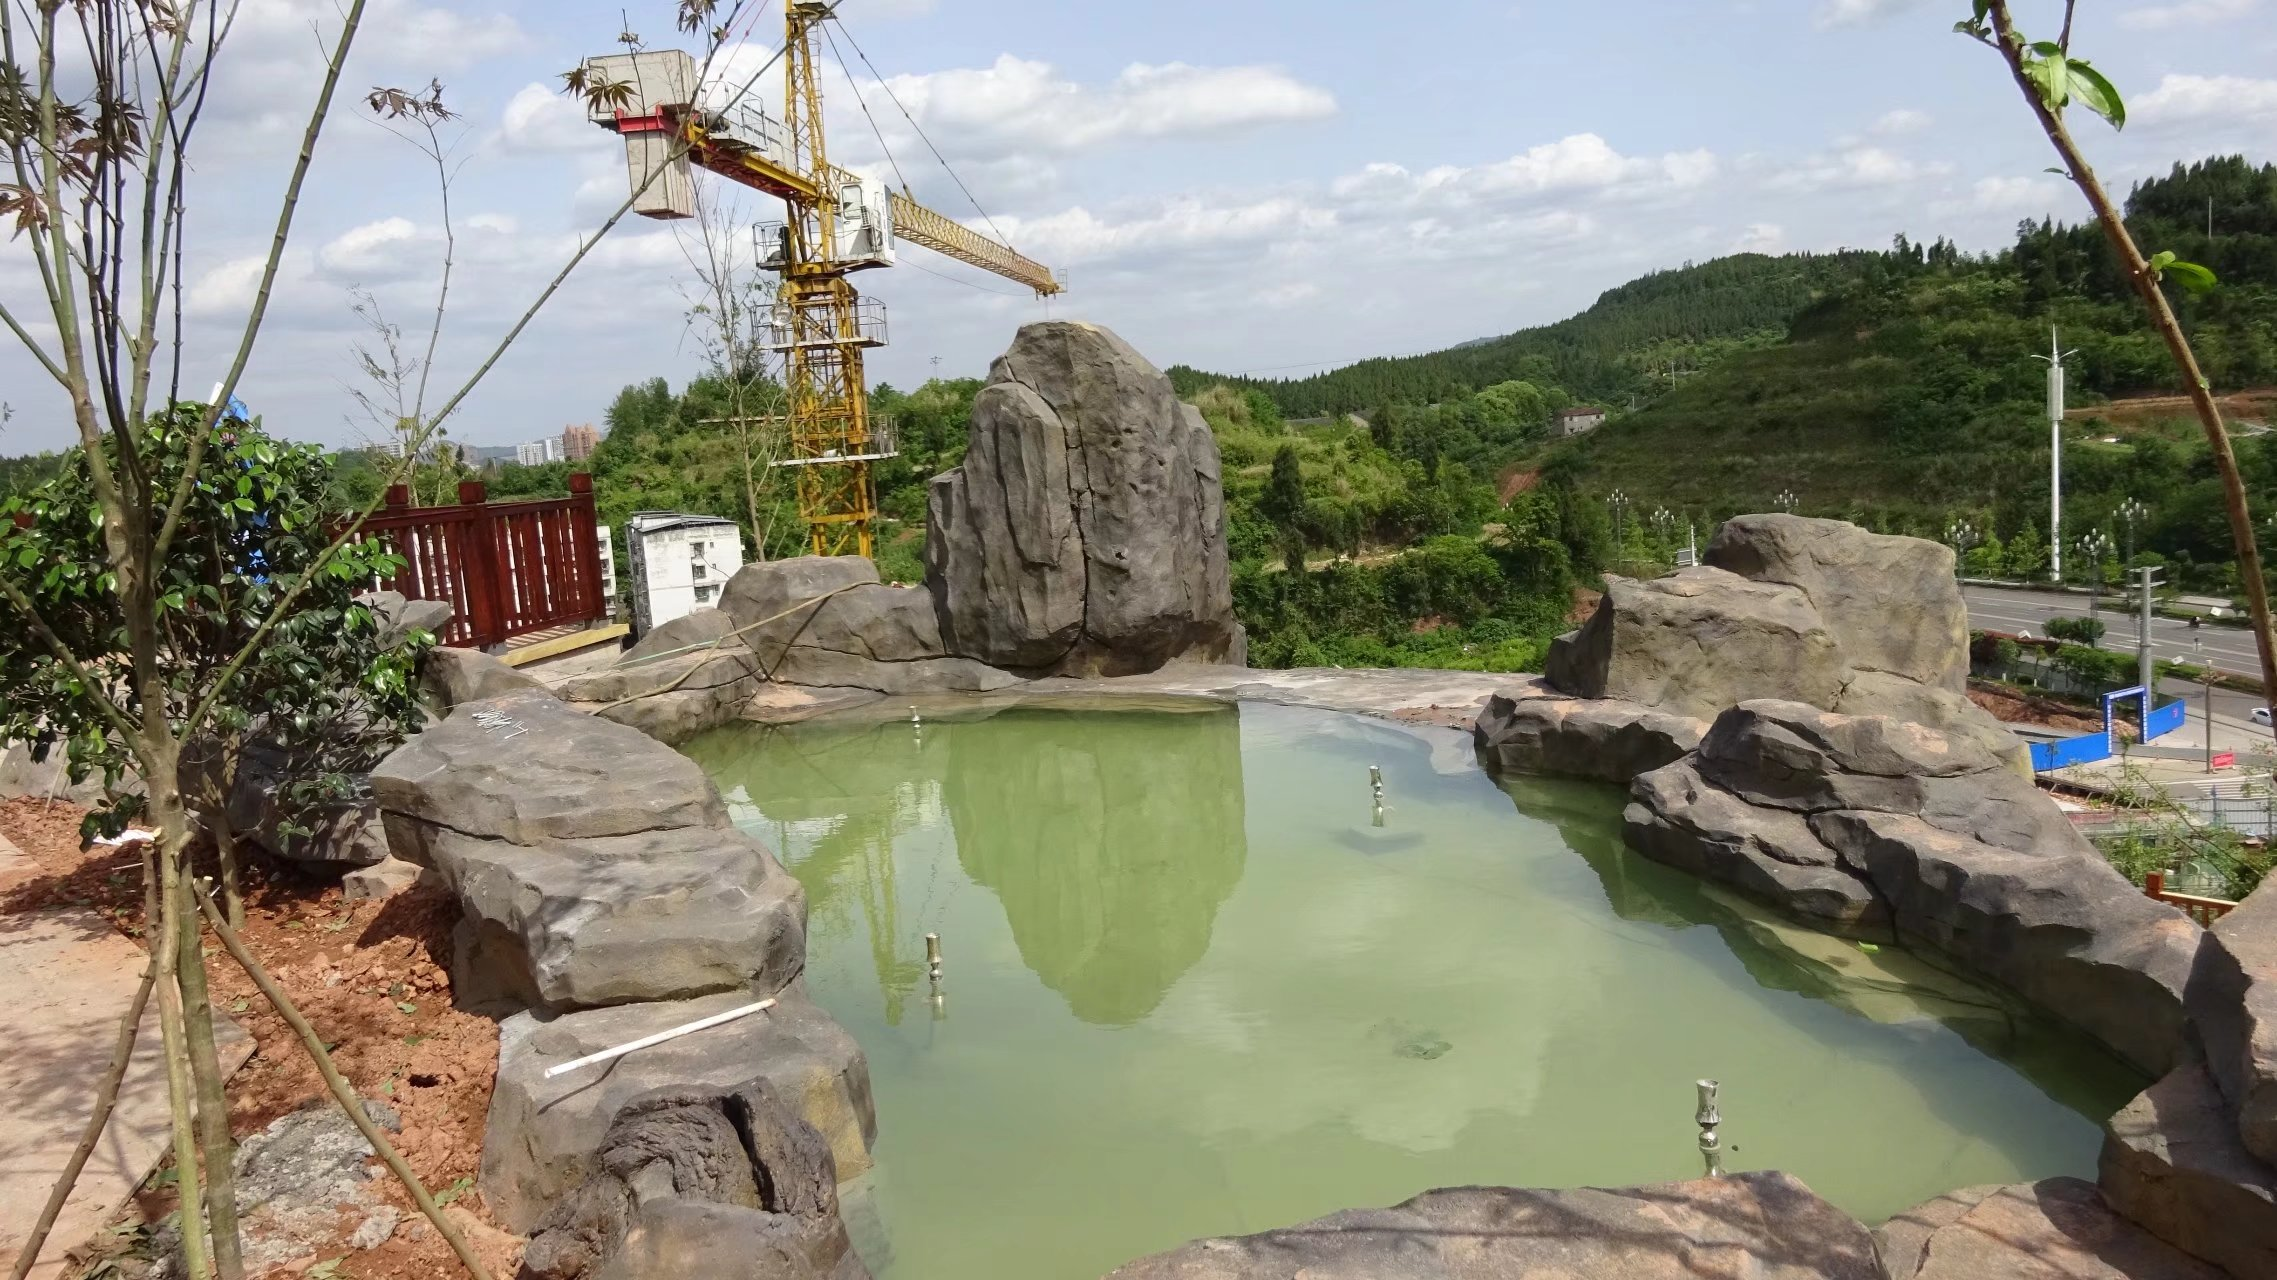 蓬安桑梓火锅公园施工进度(2018-05-10) - 第25张    蓬安在线